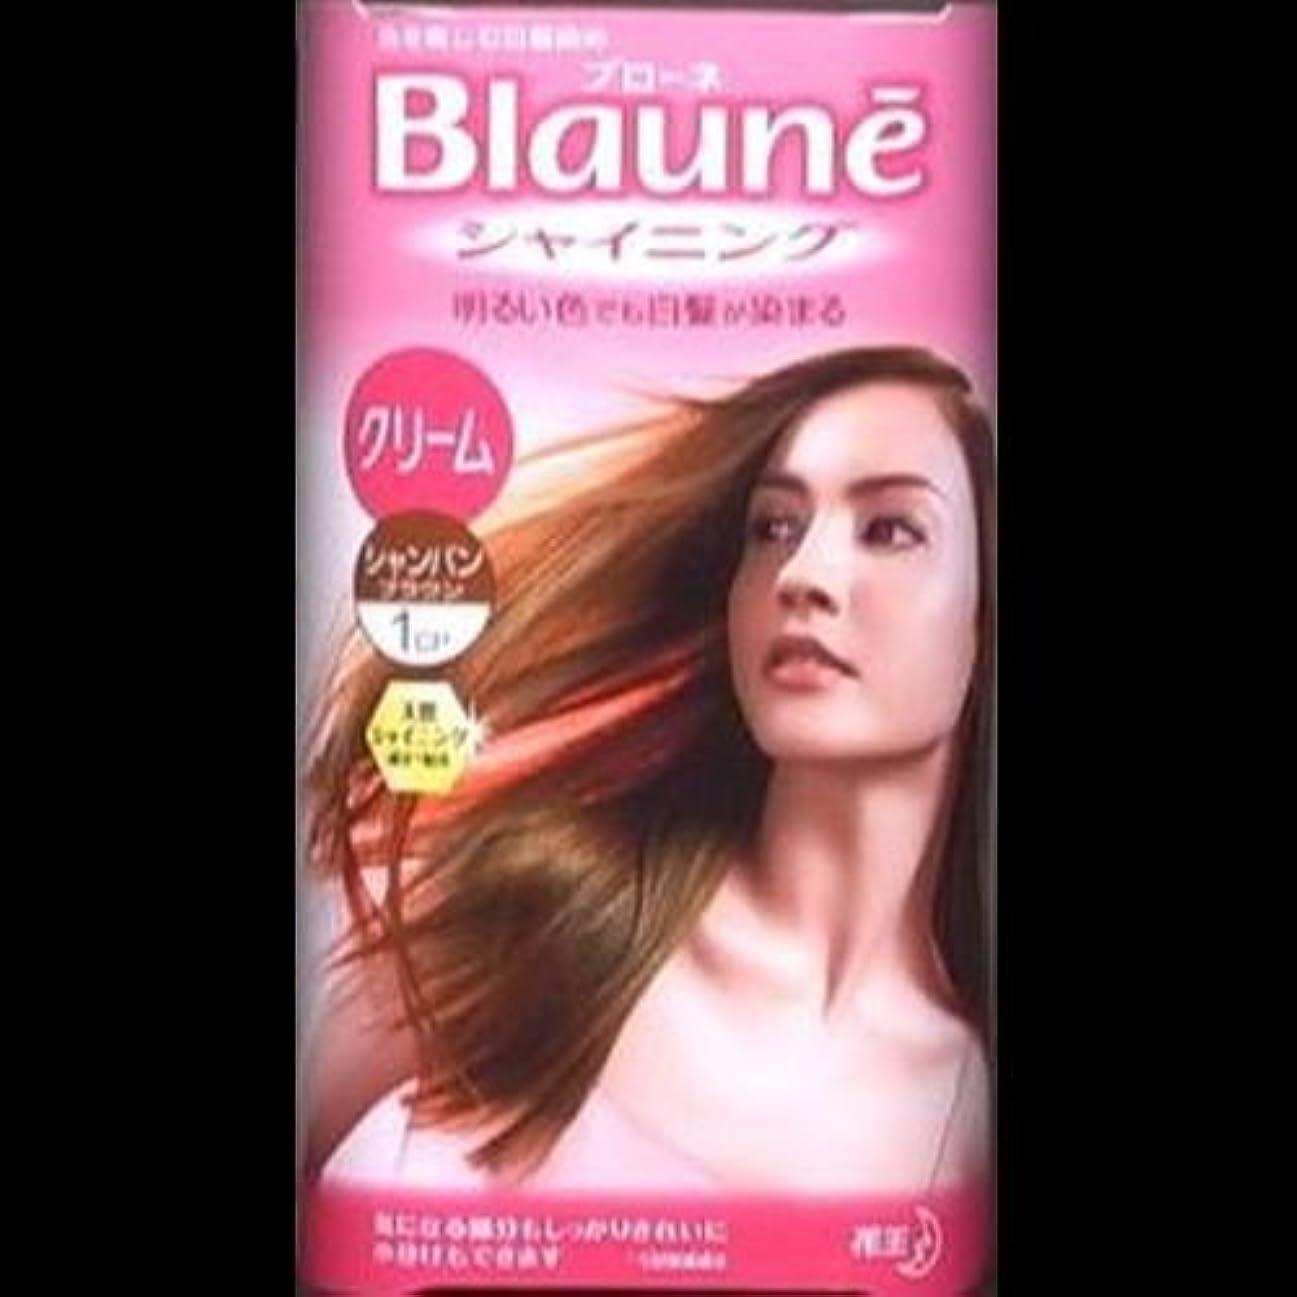 木曜日汚いにもかかわらず【まとめ買い】ブローネシャイニングヘアカラークリーム 1CP シャンパンブラウン ×2セット